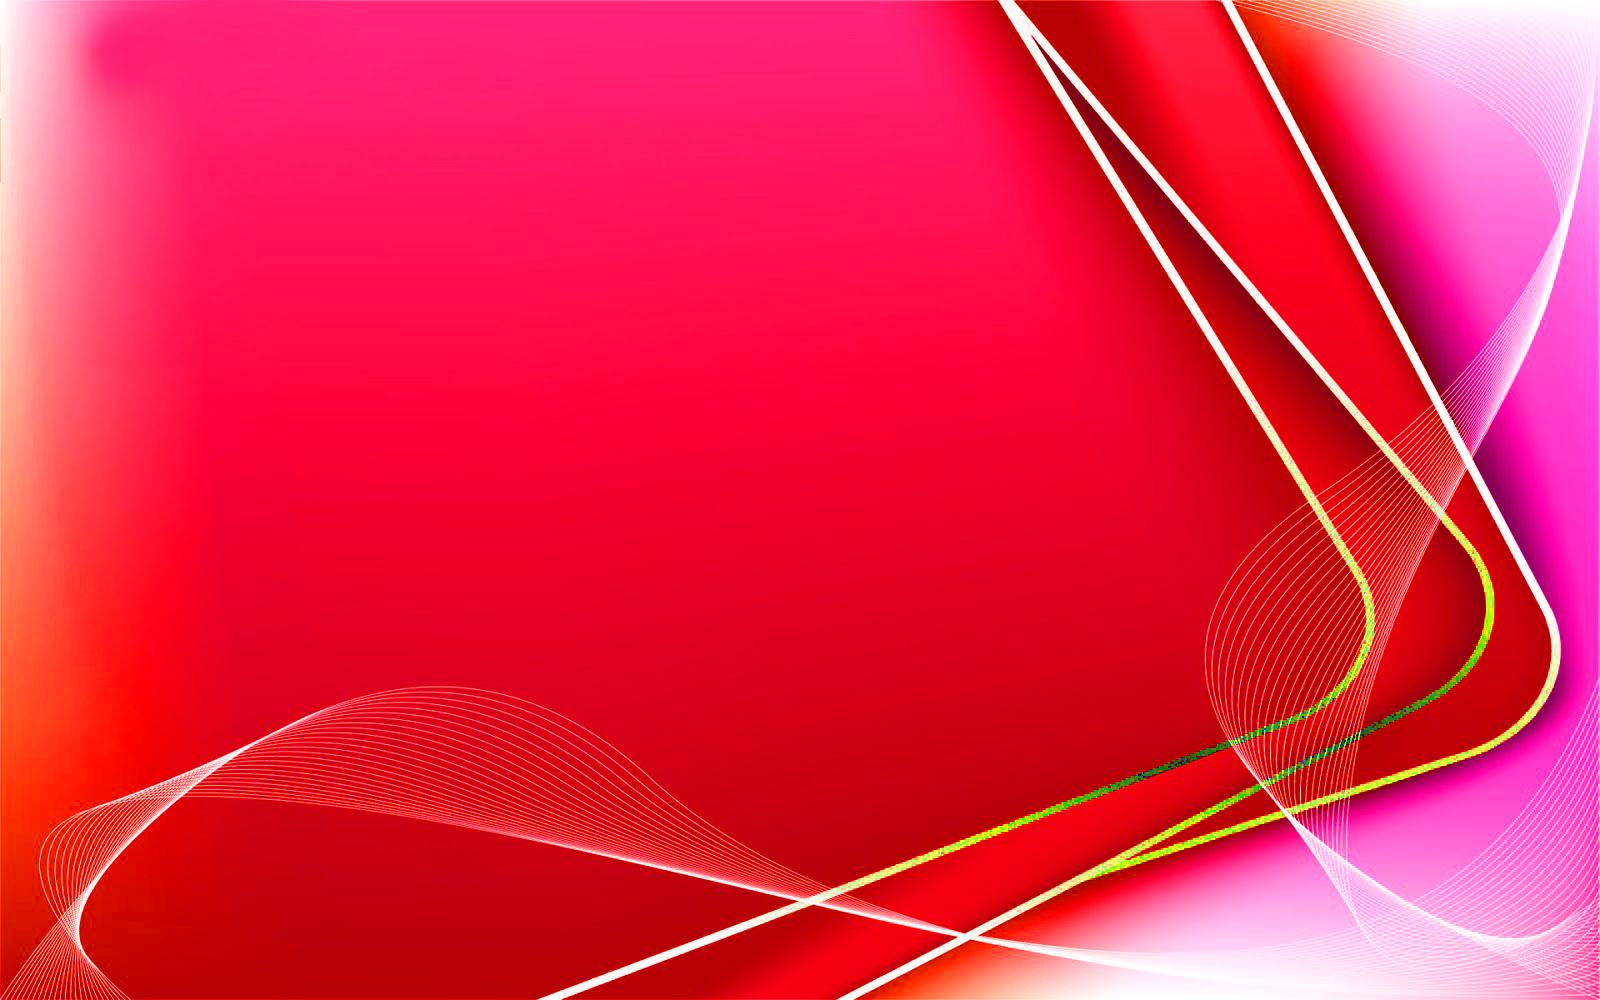 desain+background+keren+permainan+warna+juga+merah